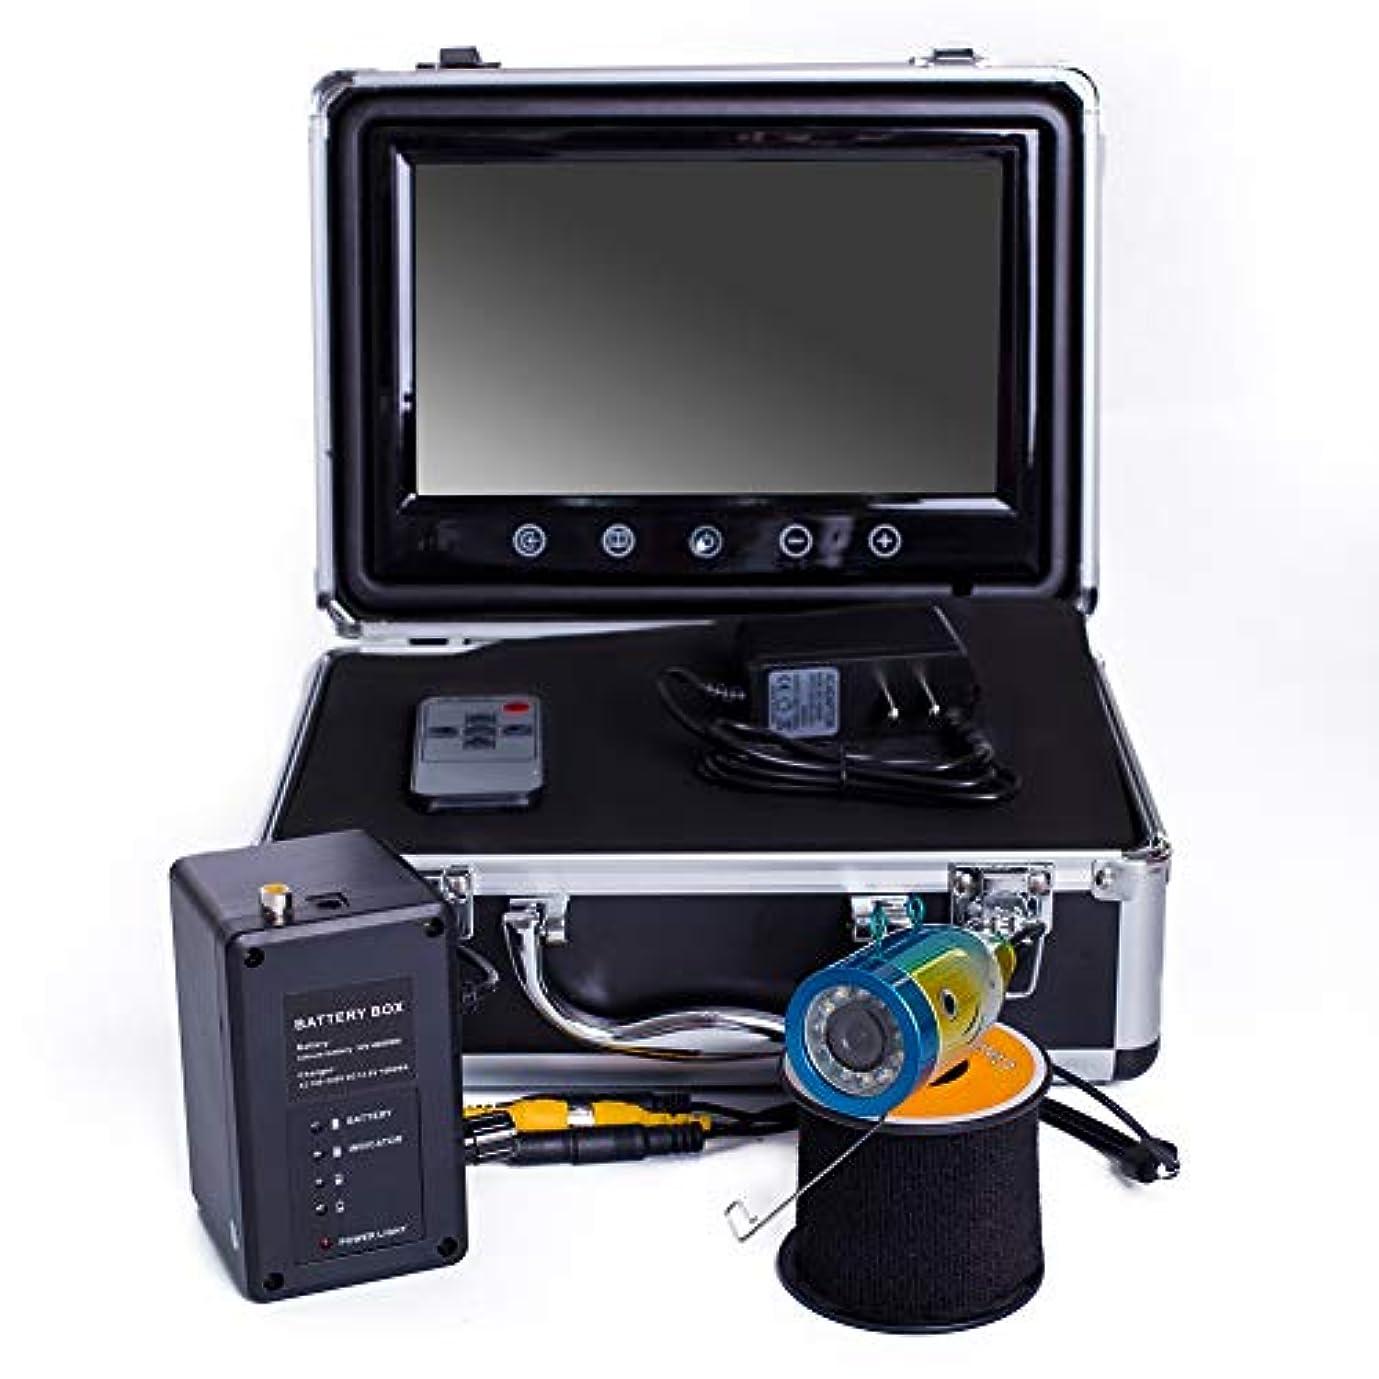 好意まつげ降臨9インチ水中魚群探知機HD水中カメラTFTカラーディスプレイCCDとHD 1000TVLカメラ(50M)